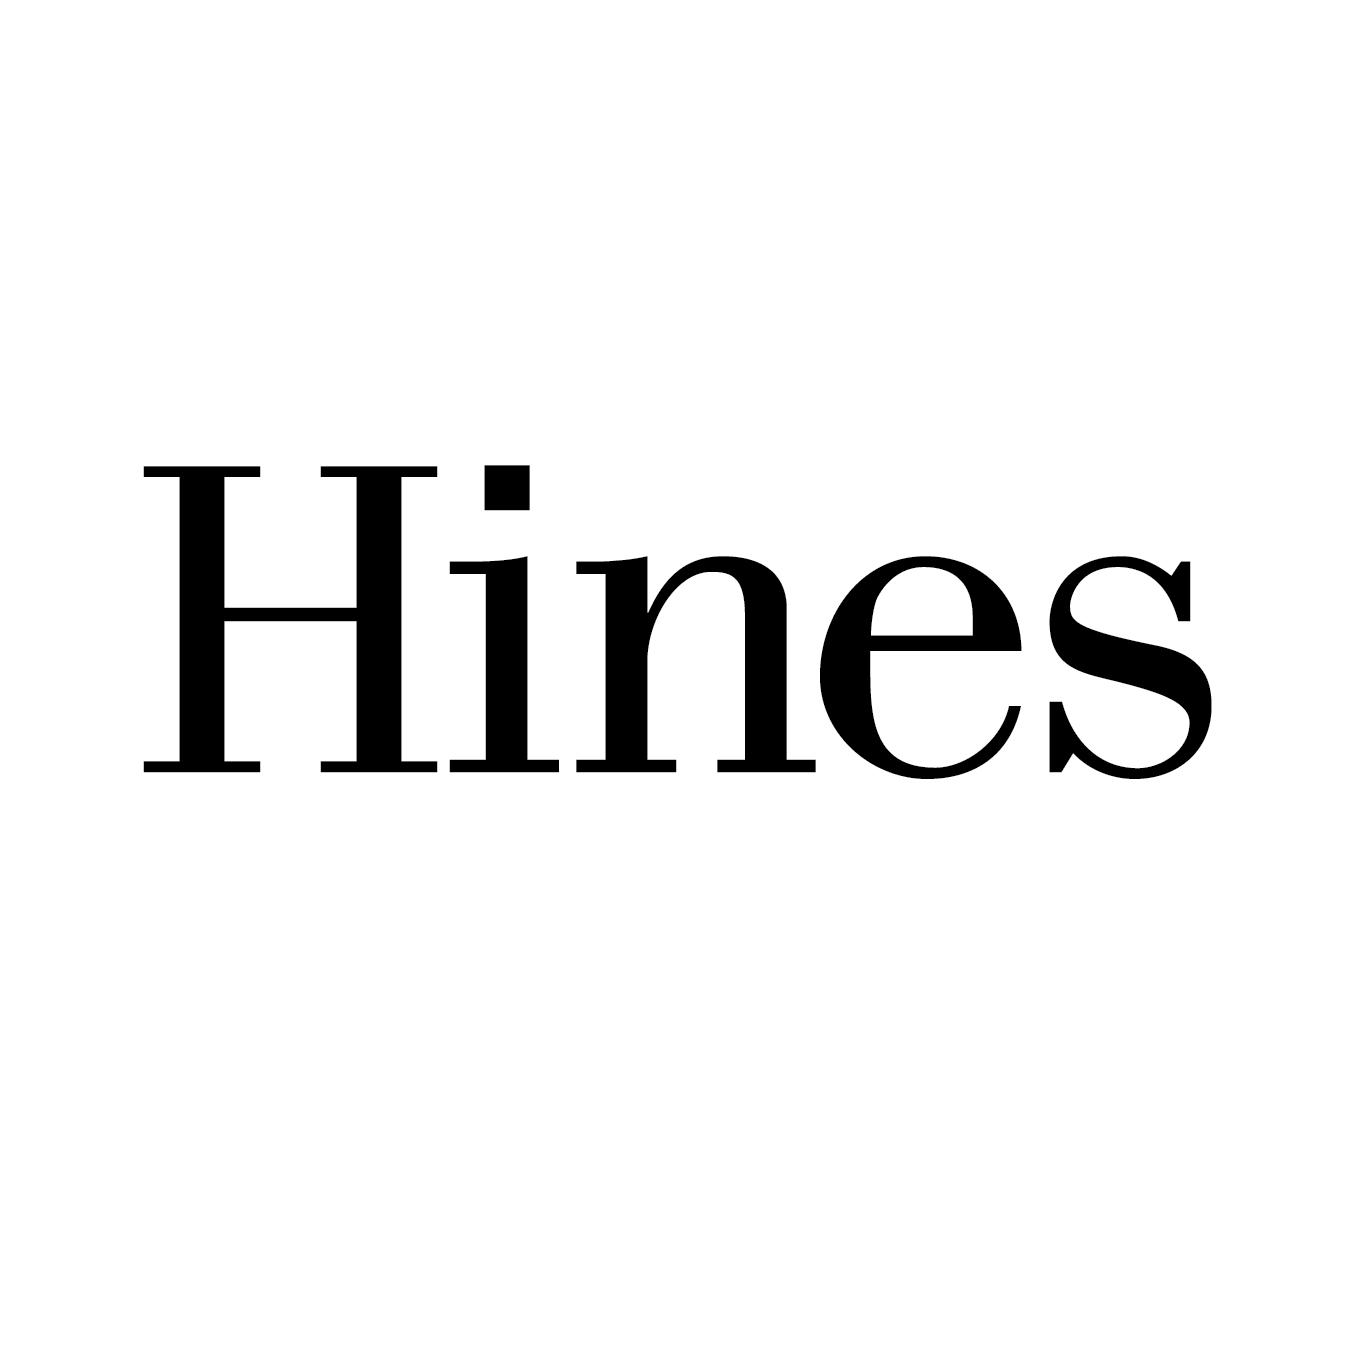 Hones.png